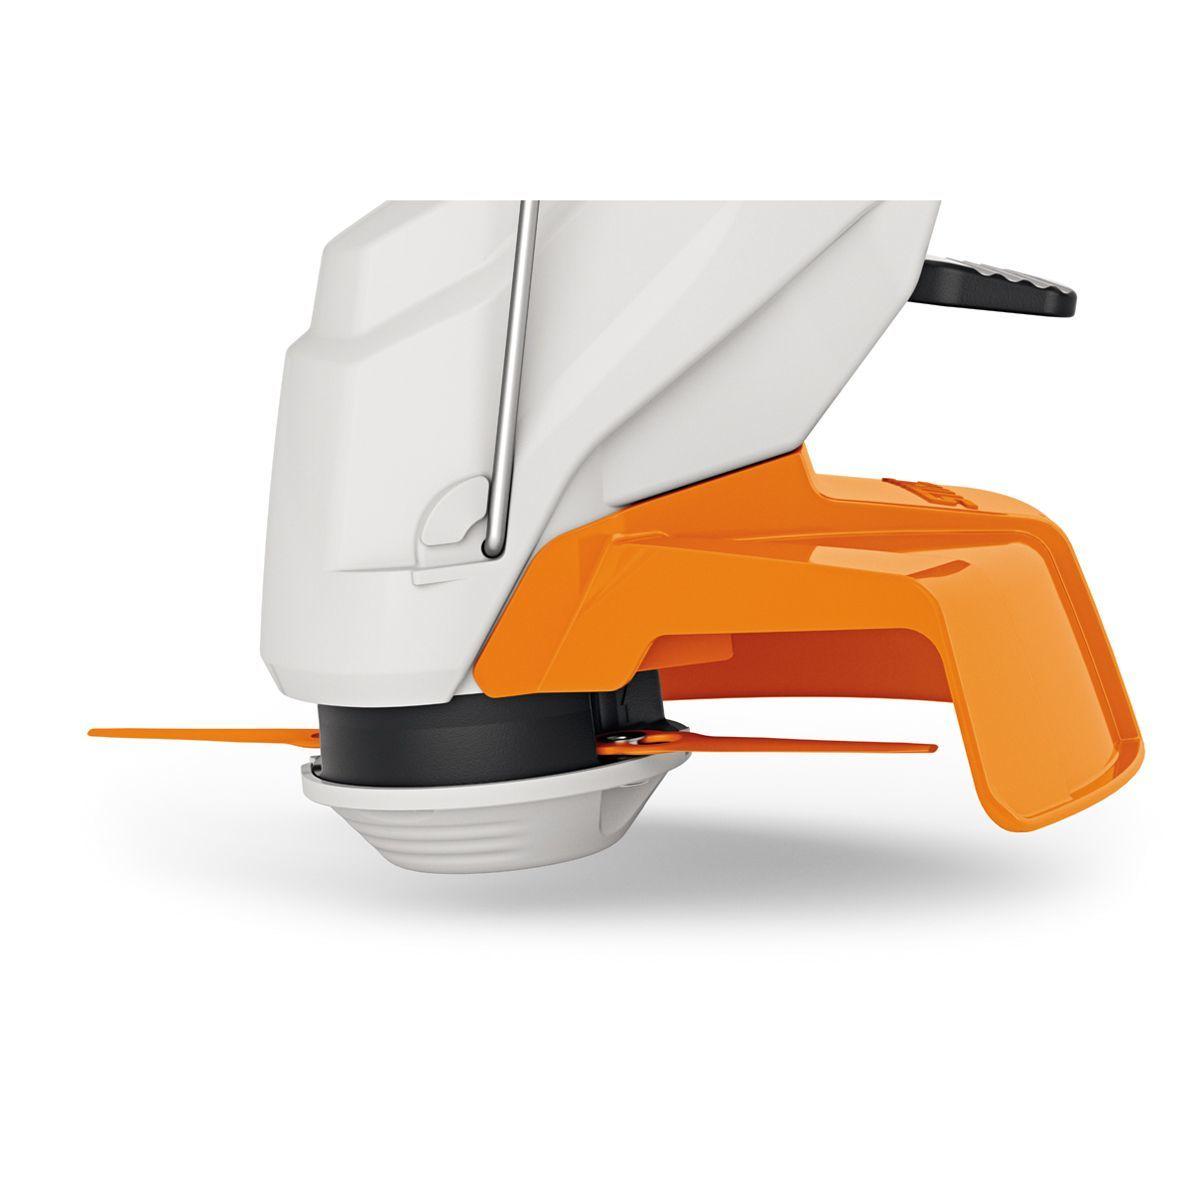 FSA 45 STIHL Brush Cutter